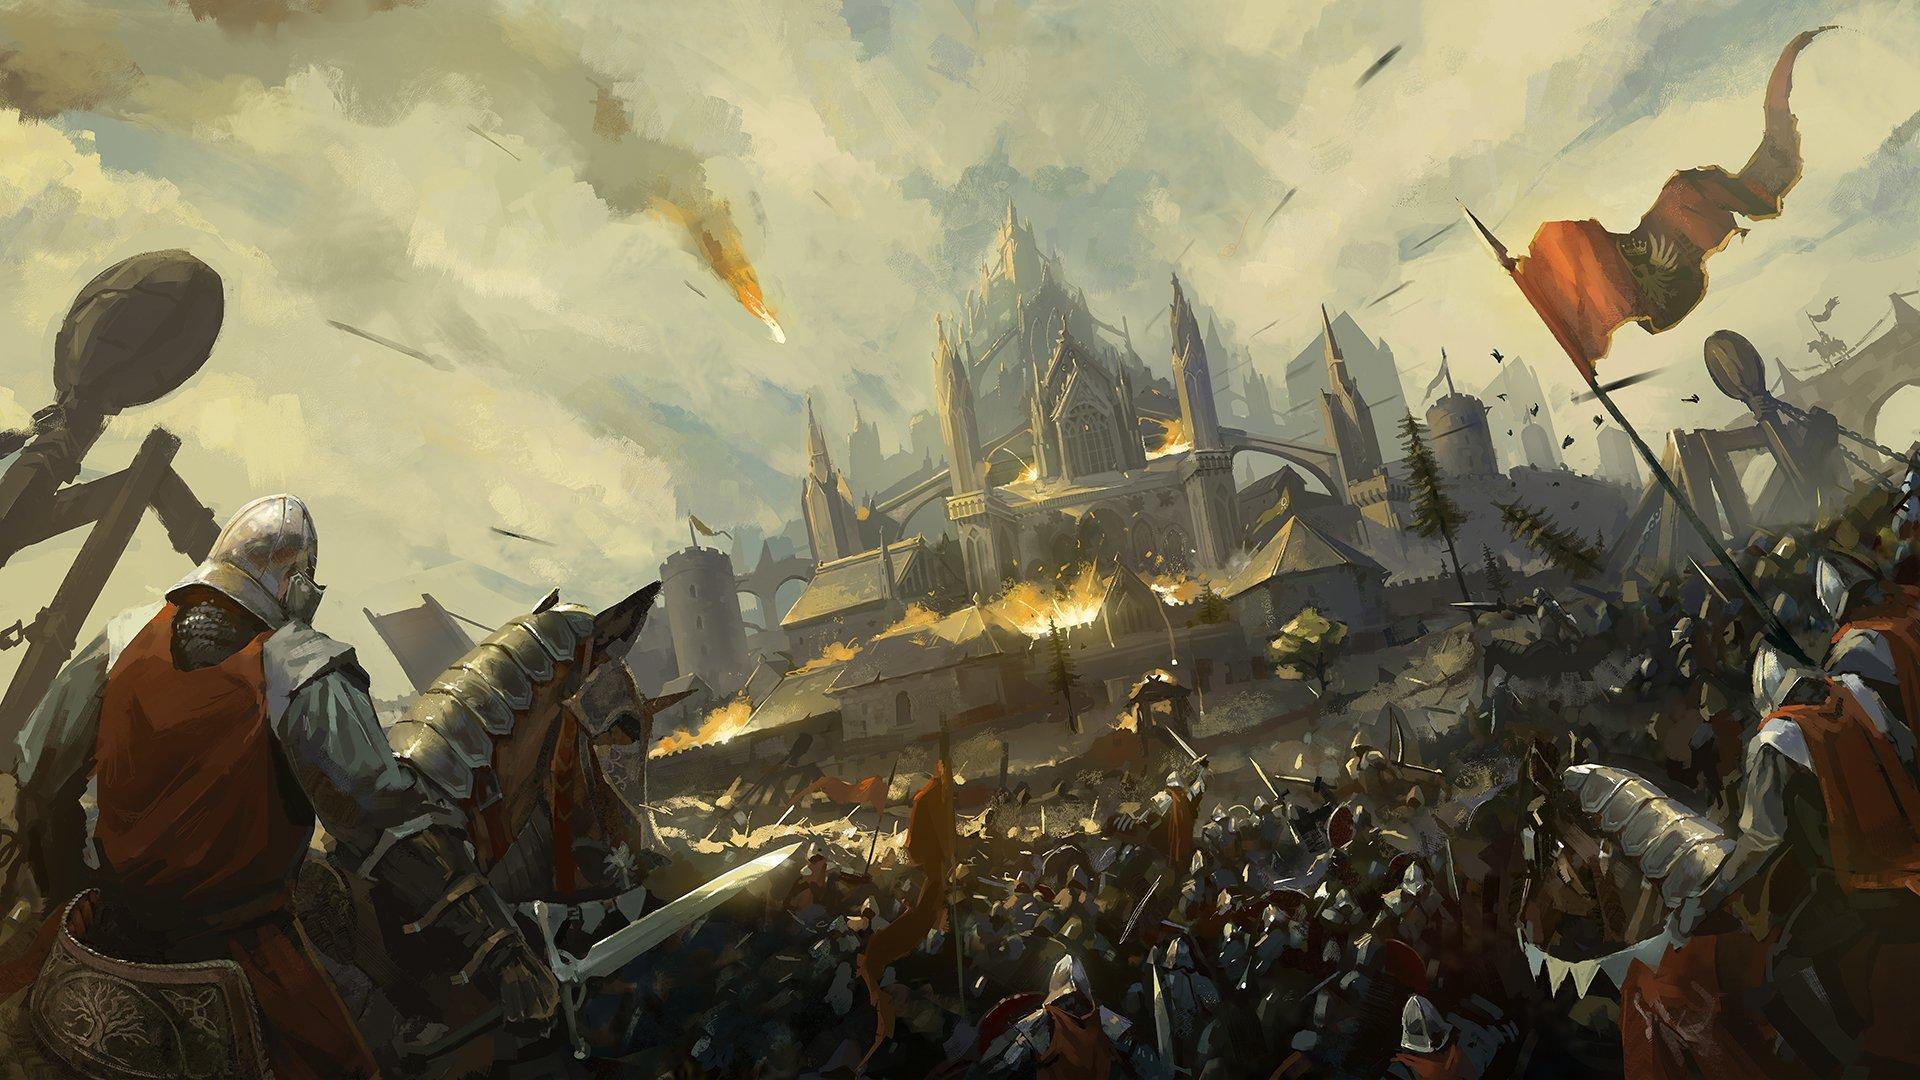 Обои «воин»), замок, доспех, мост, рацарь, осада, всадник, оружие, штурм. Разное foto 8